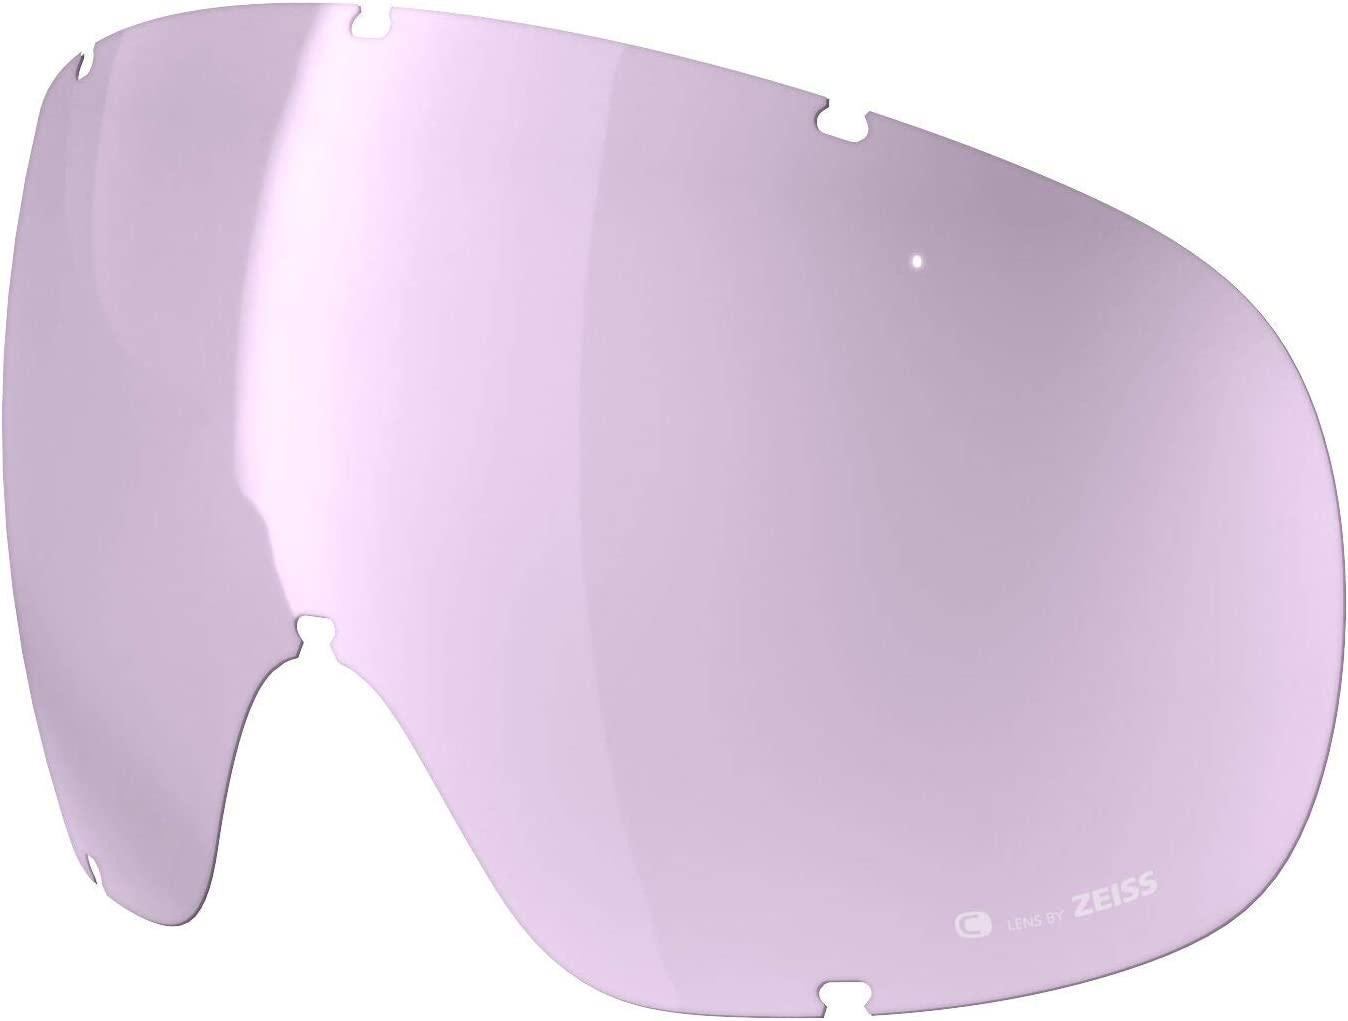 POC Fovea Spare Lens for Skiing Goggles